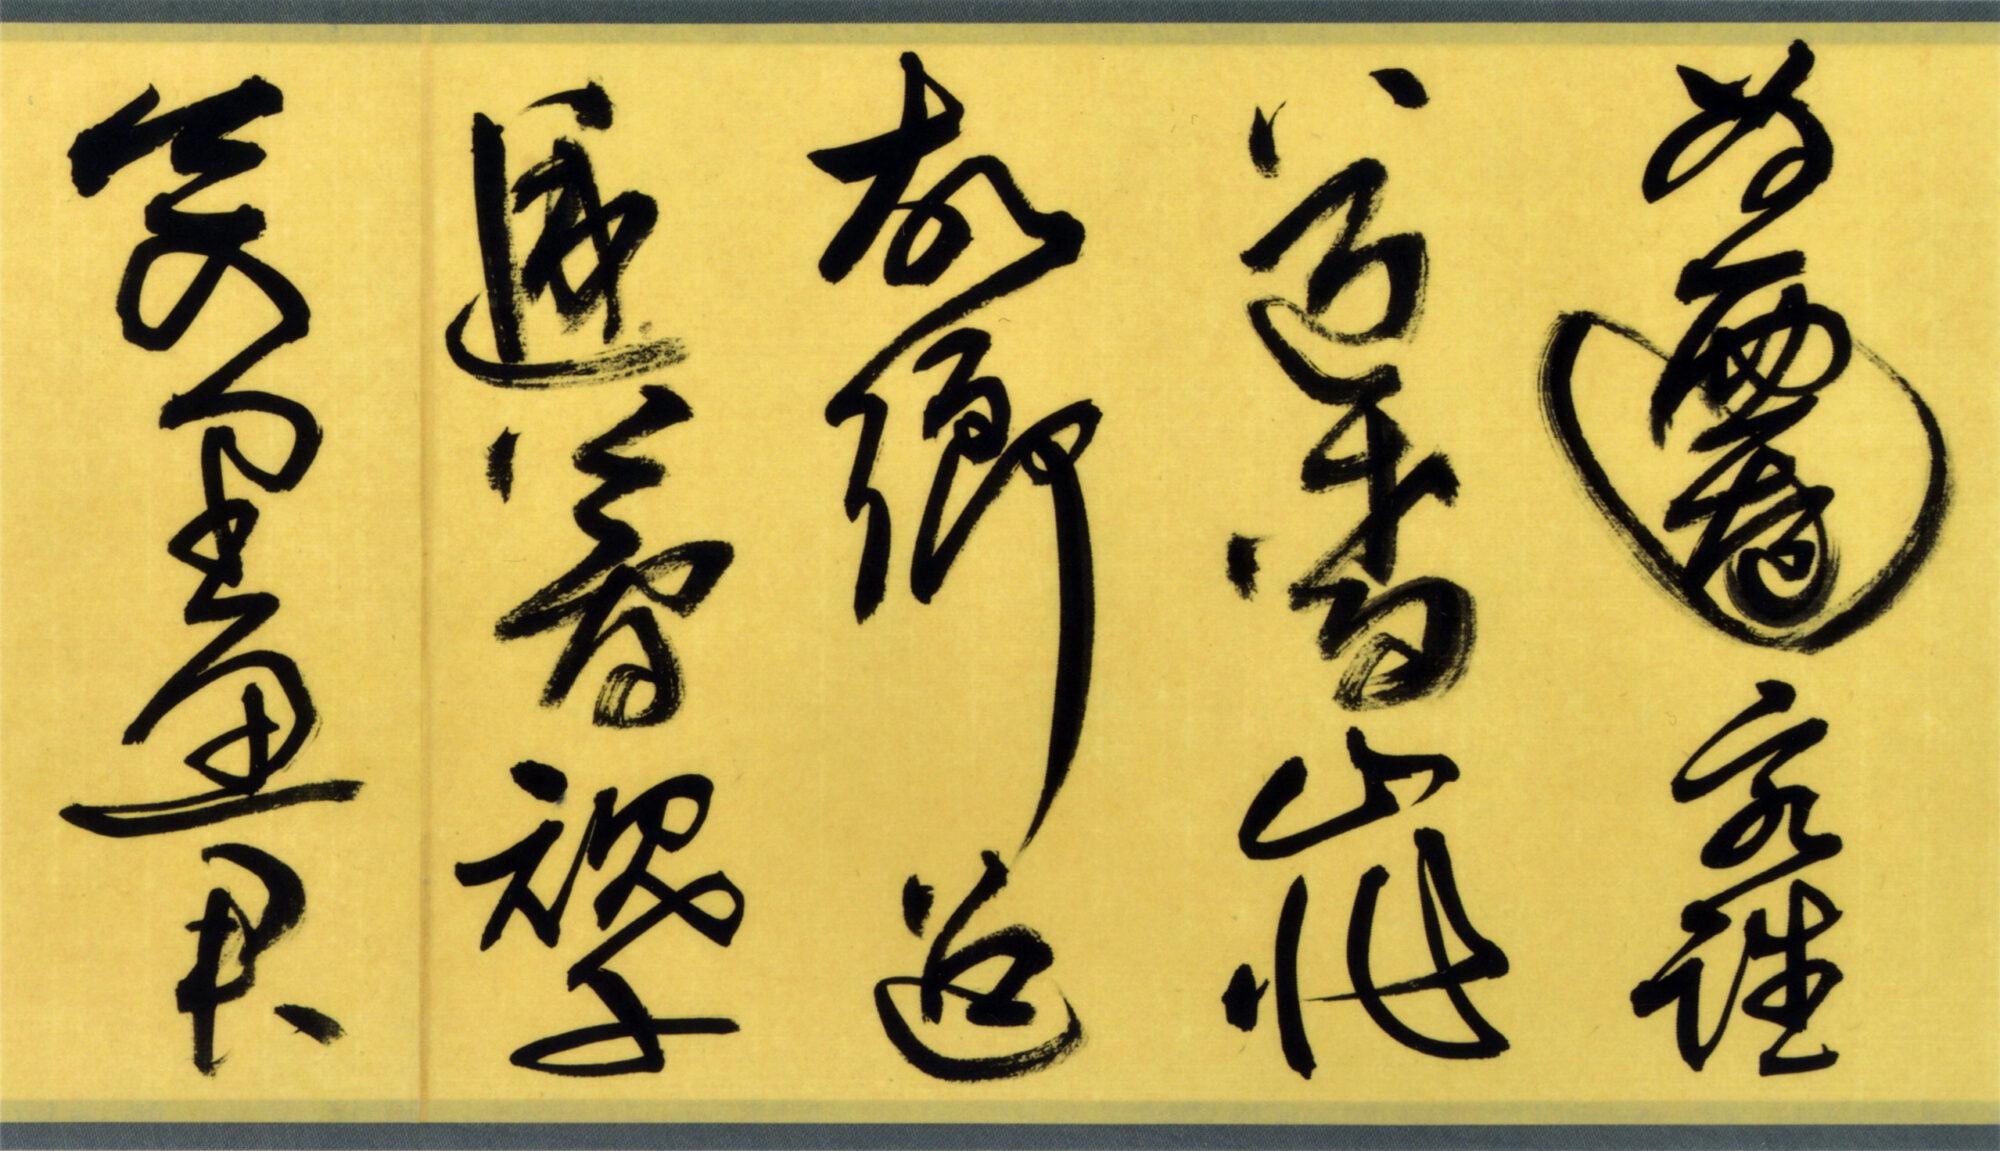 「懐李龍袞」井本 紫香 1